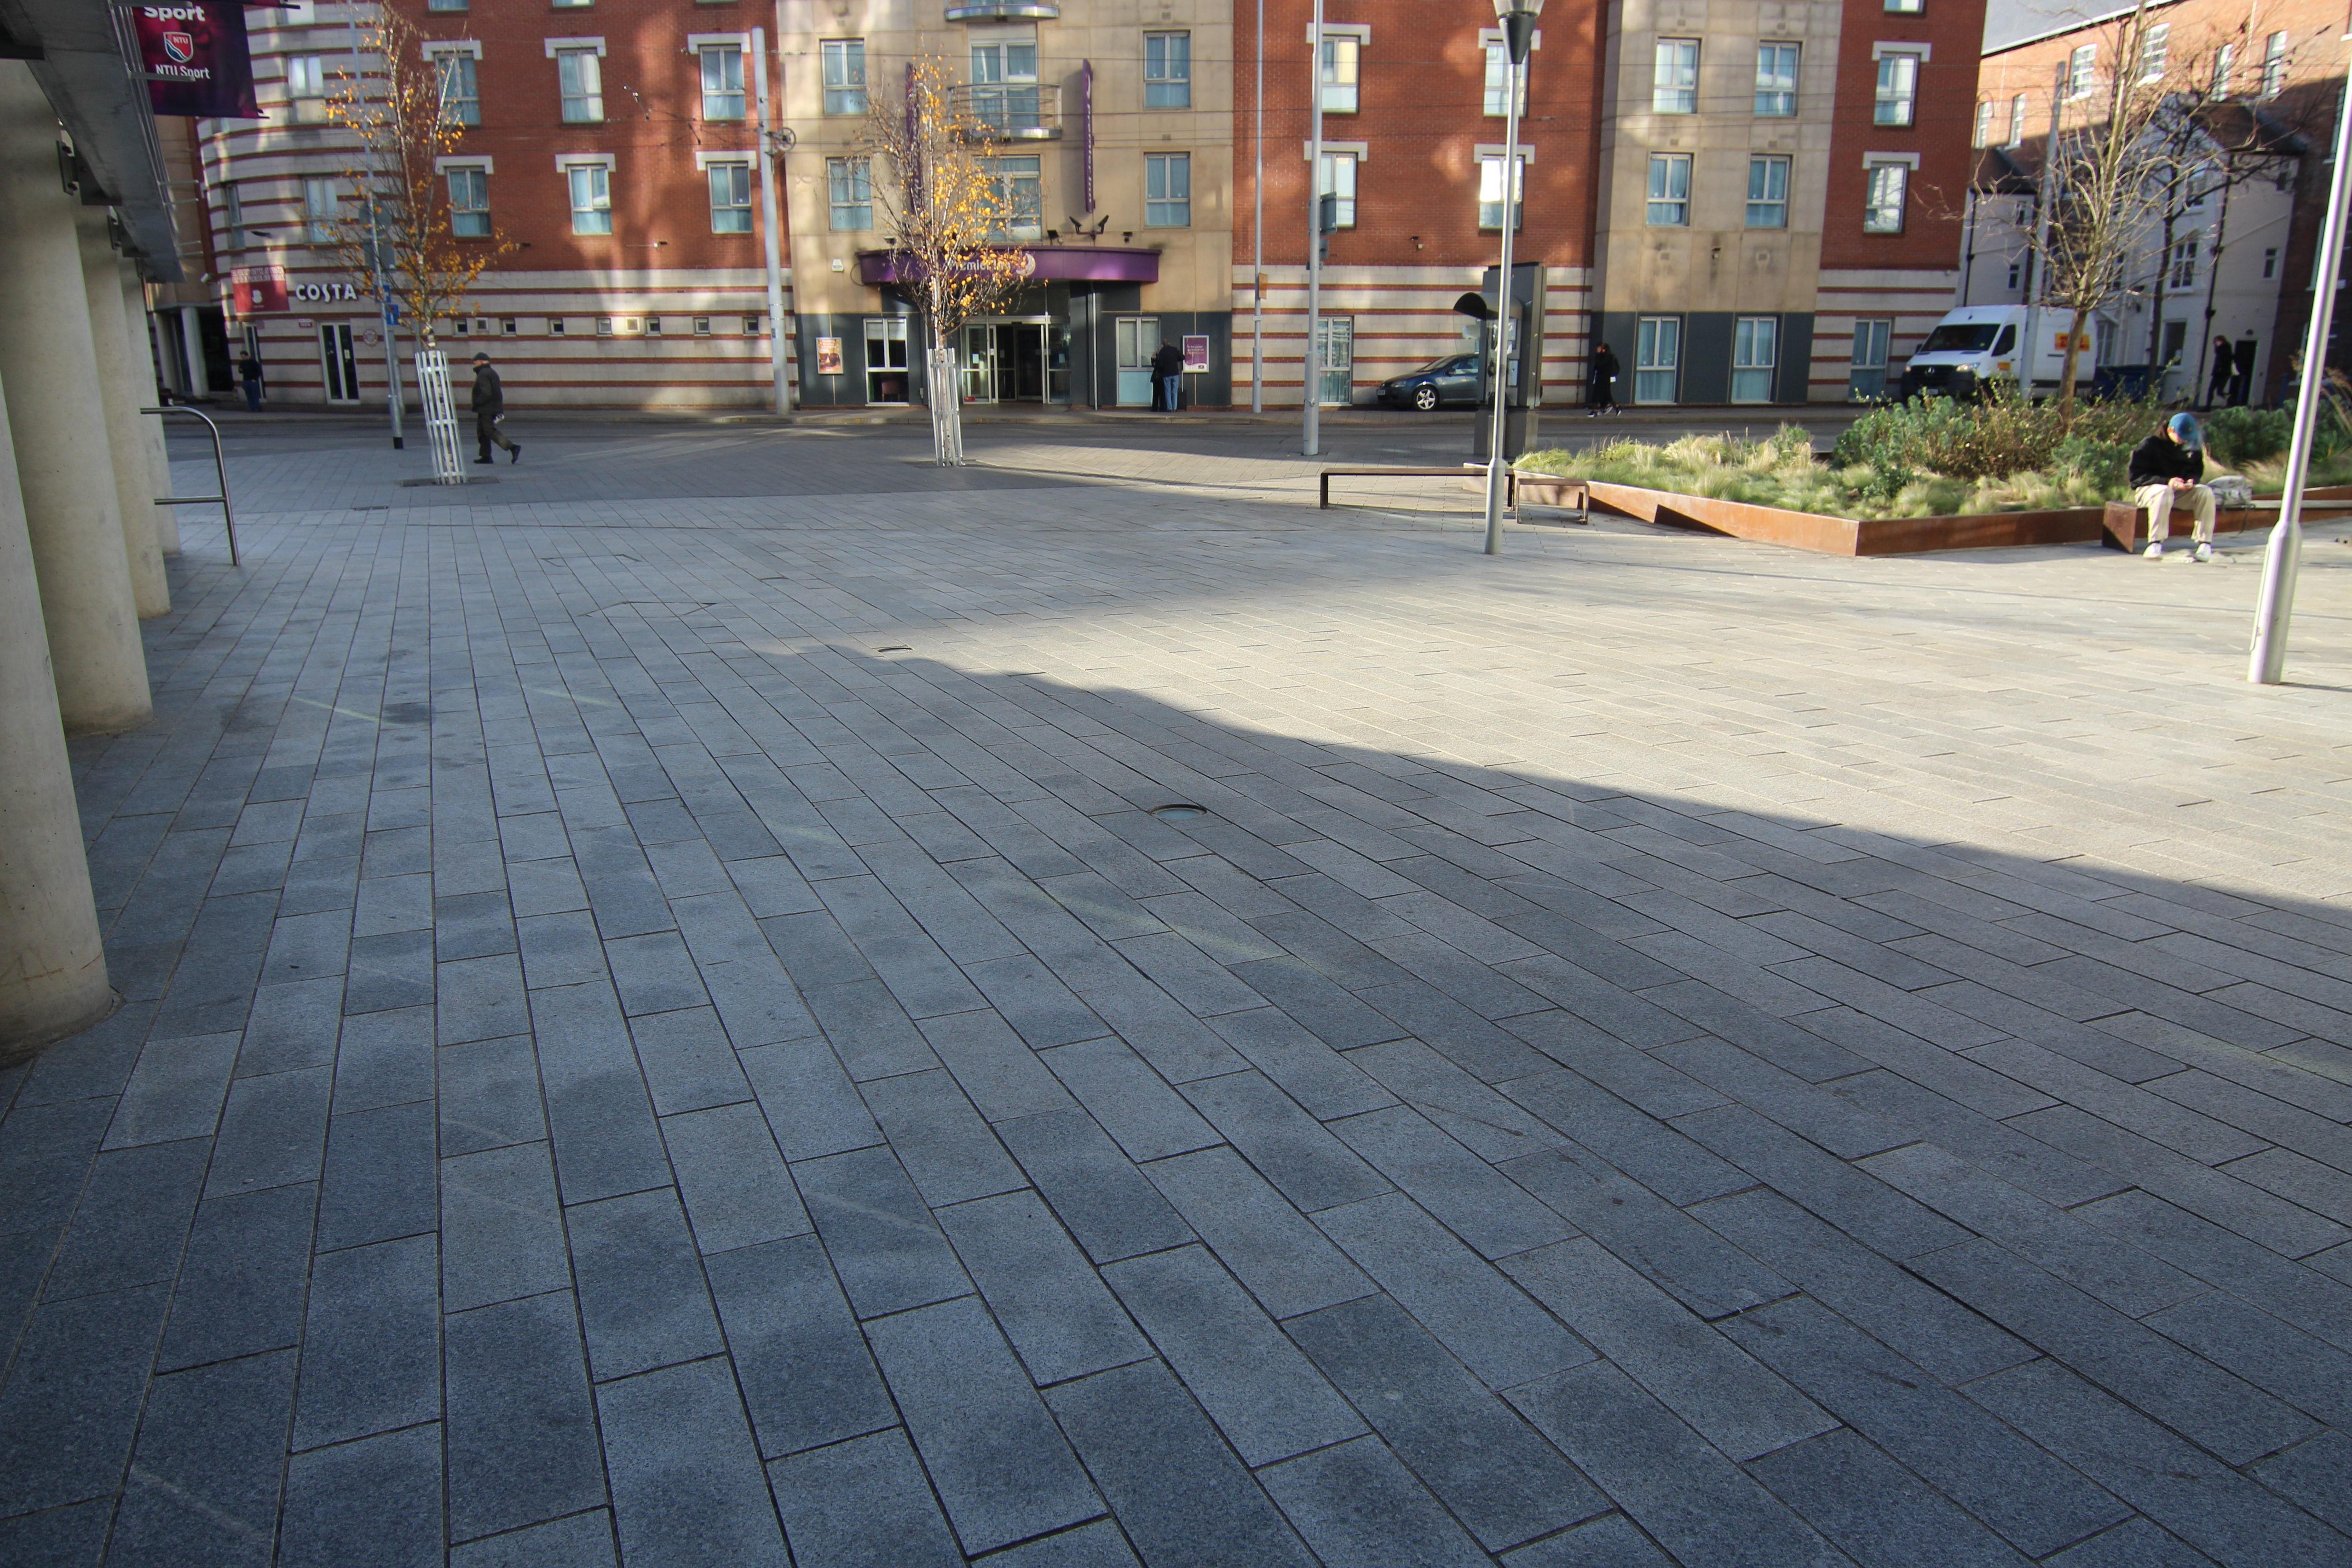 Union Square picture 2